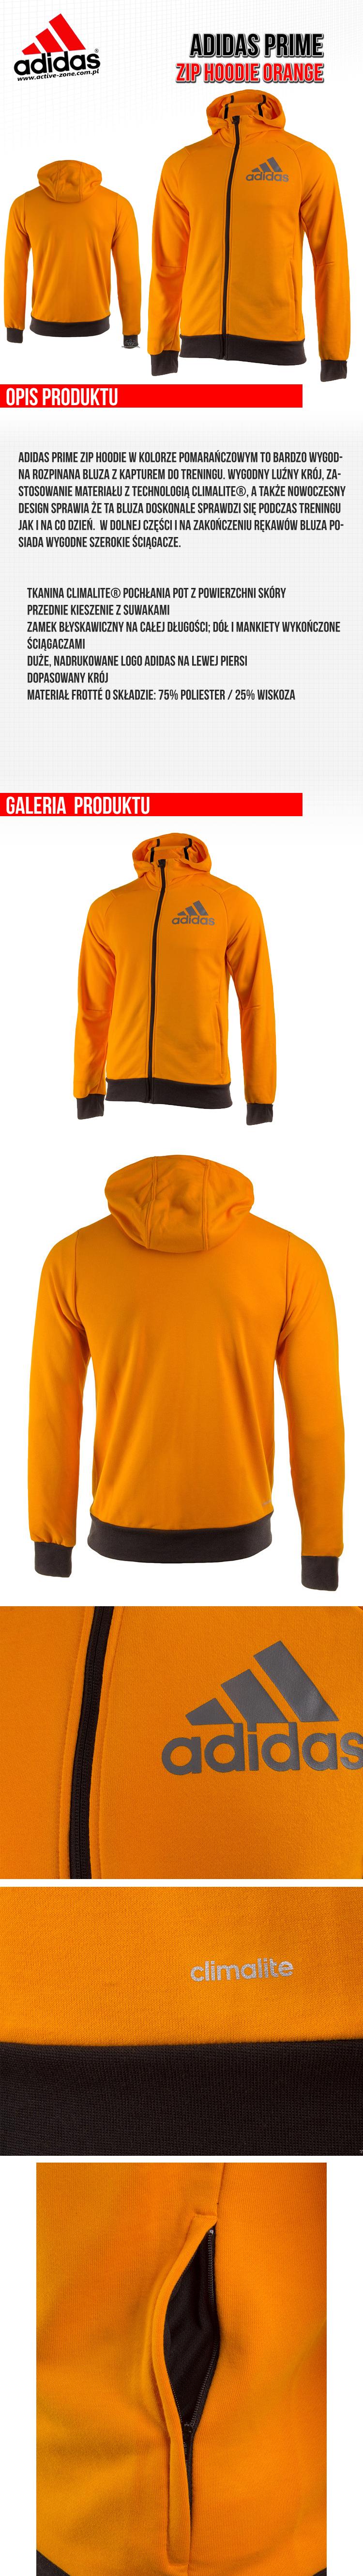 Adidas Prime Zip hoodie Orange(1)